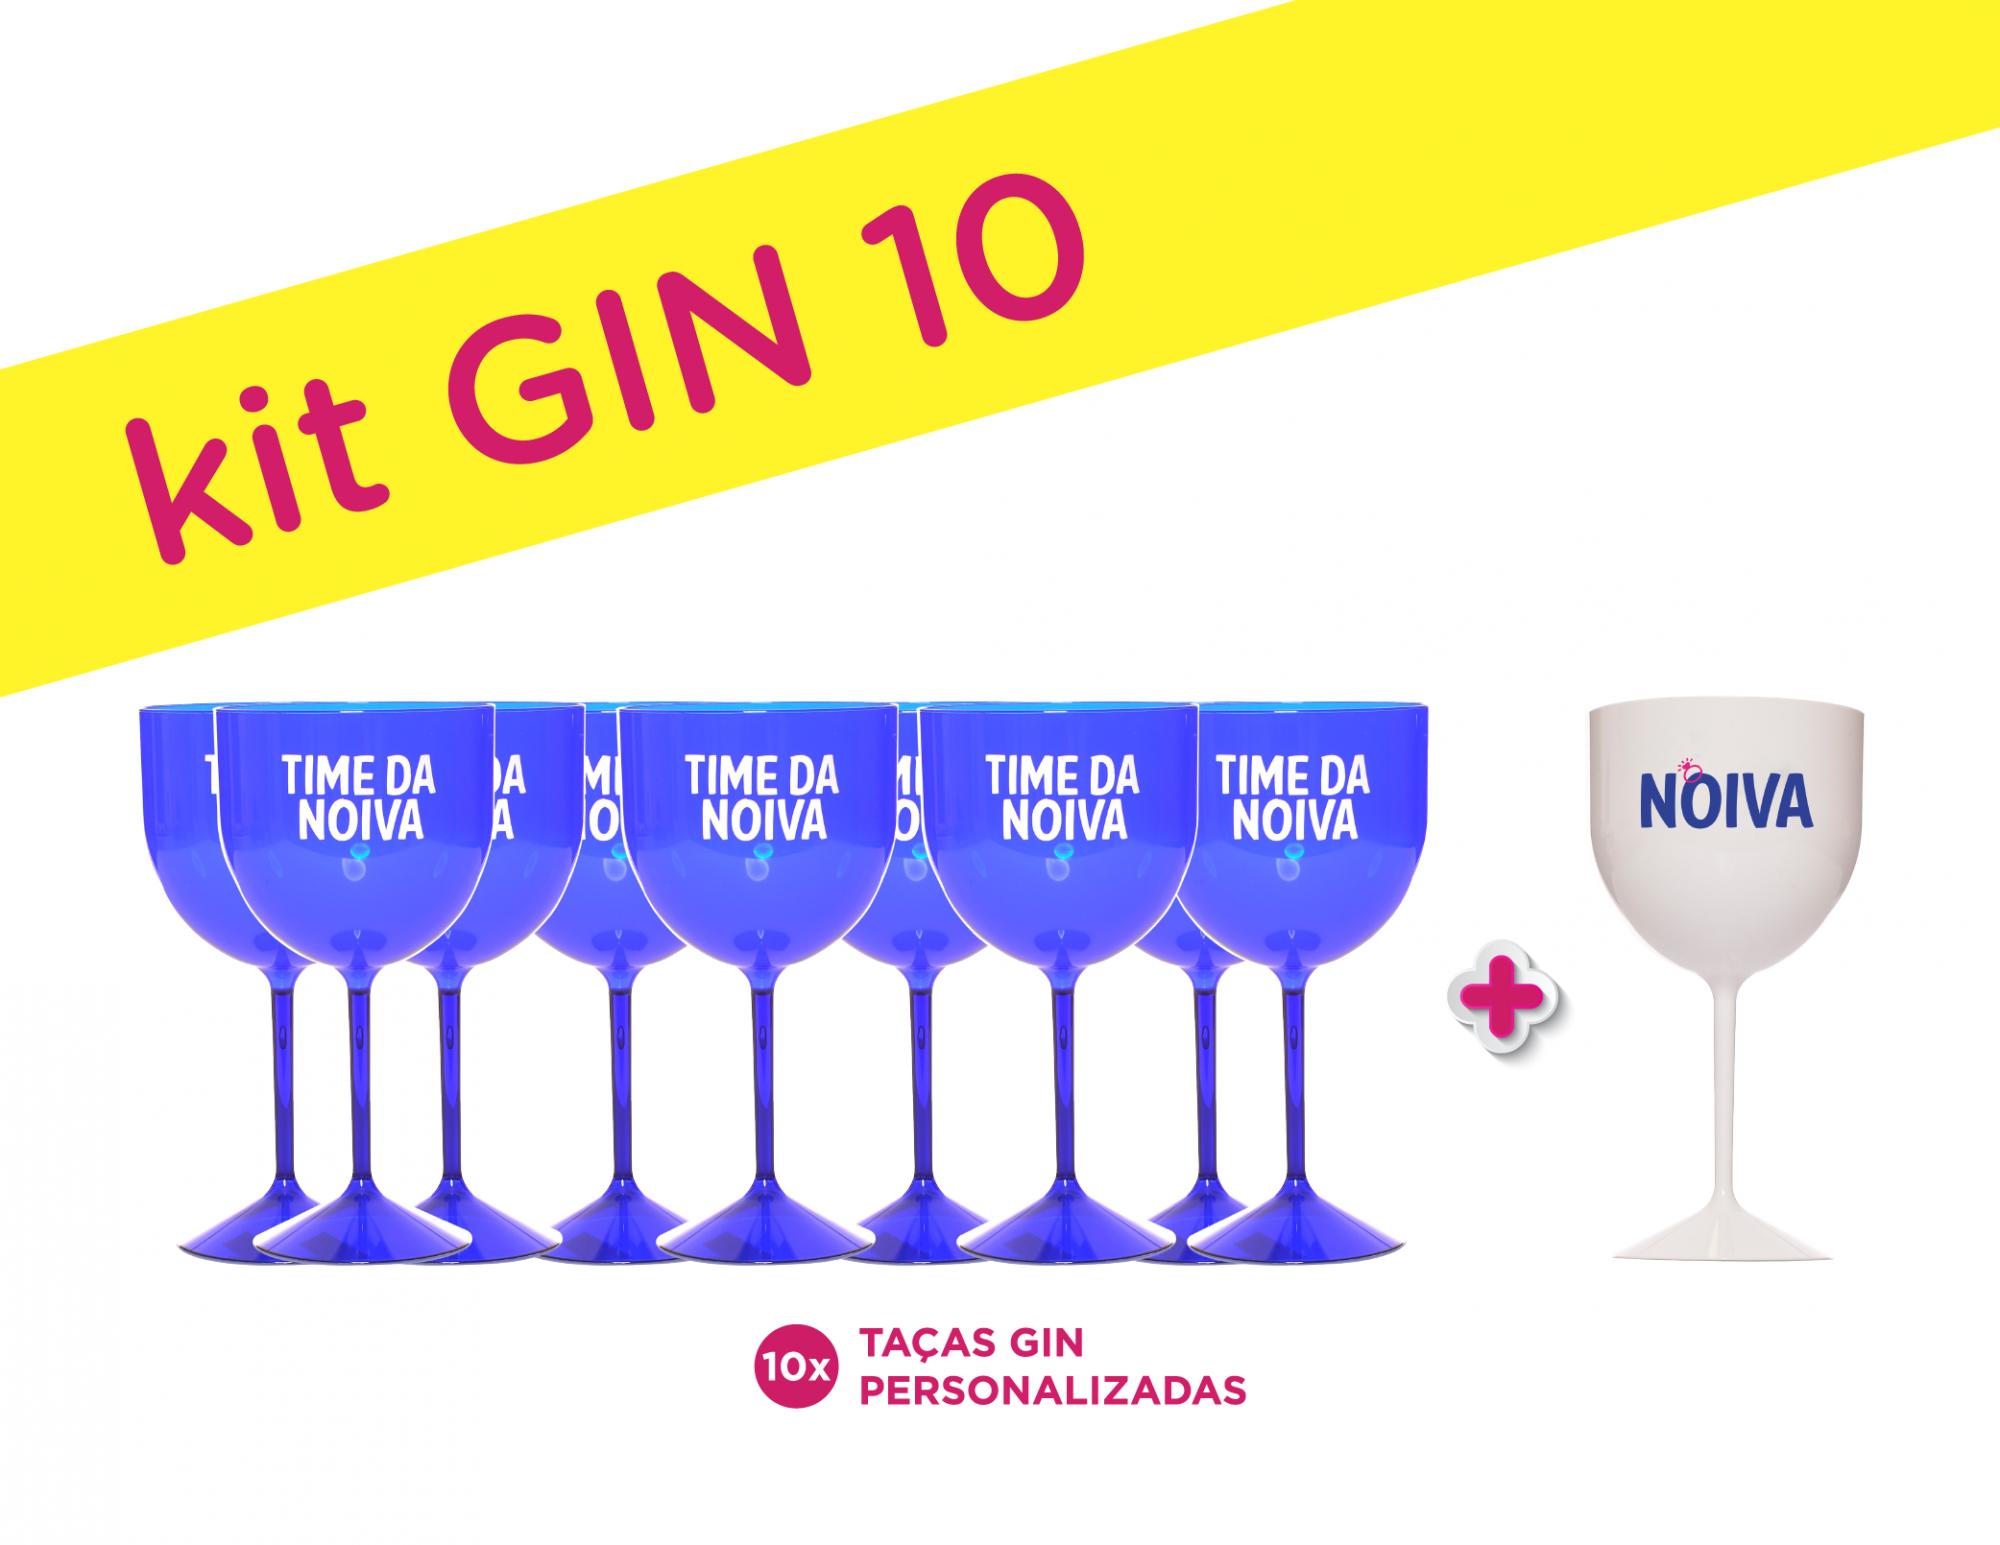 Kit Gin 10